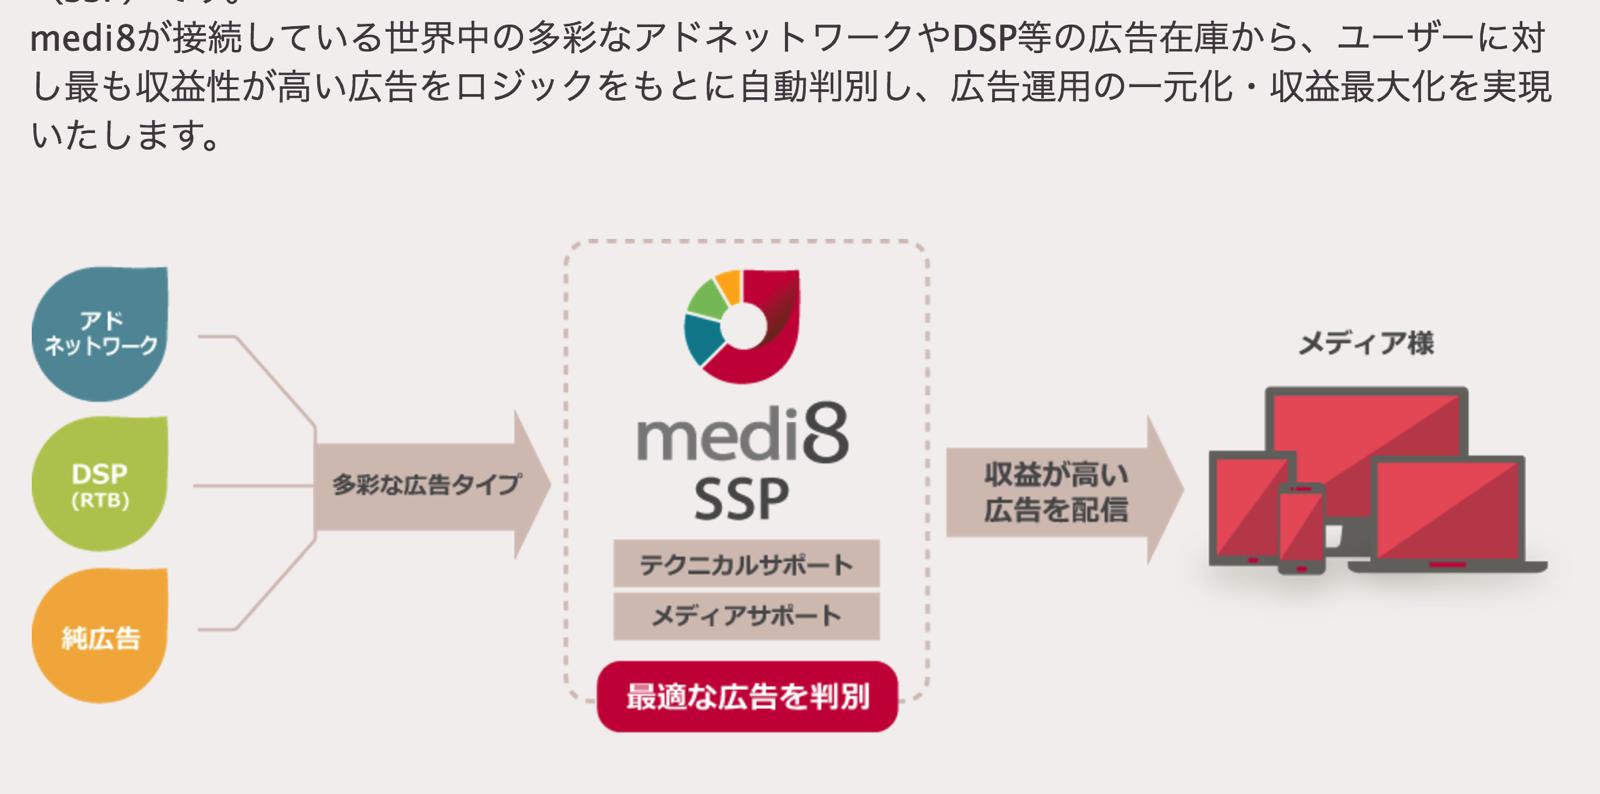 アドネットワークmedi8